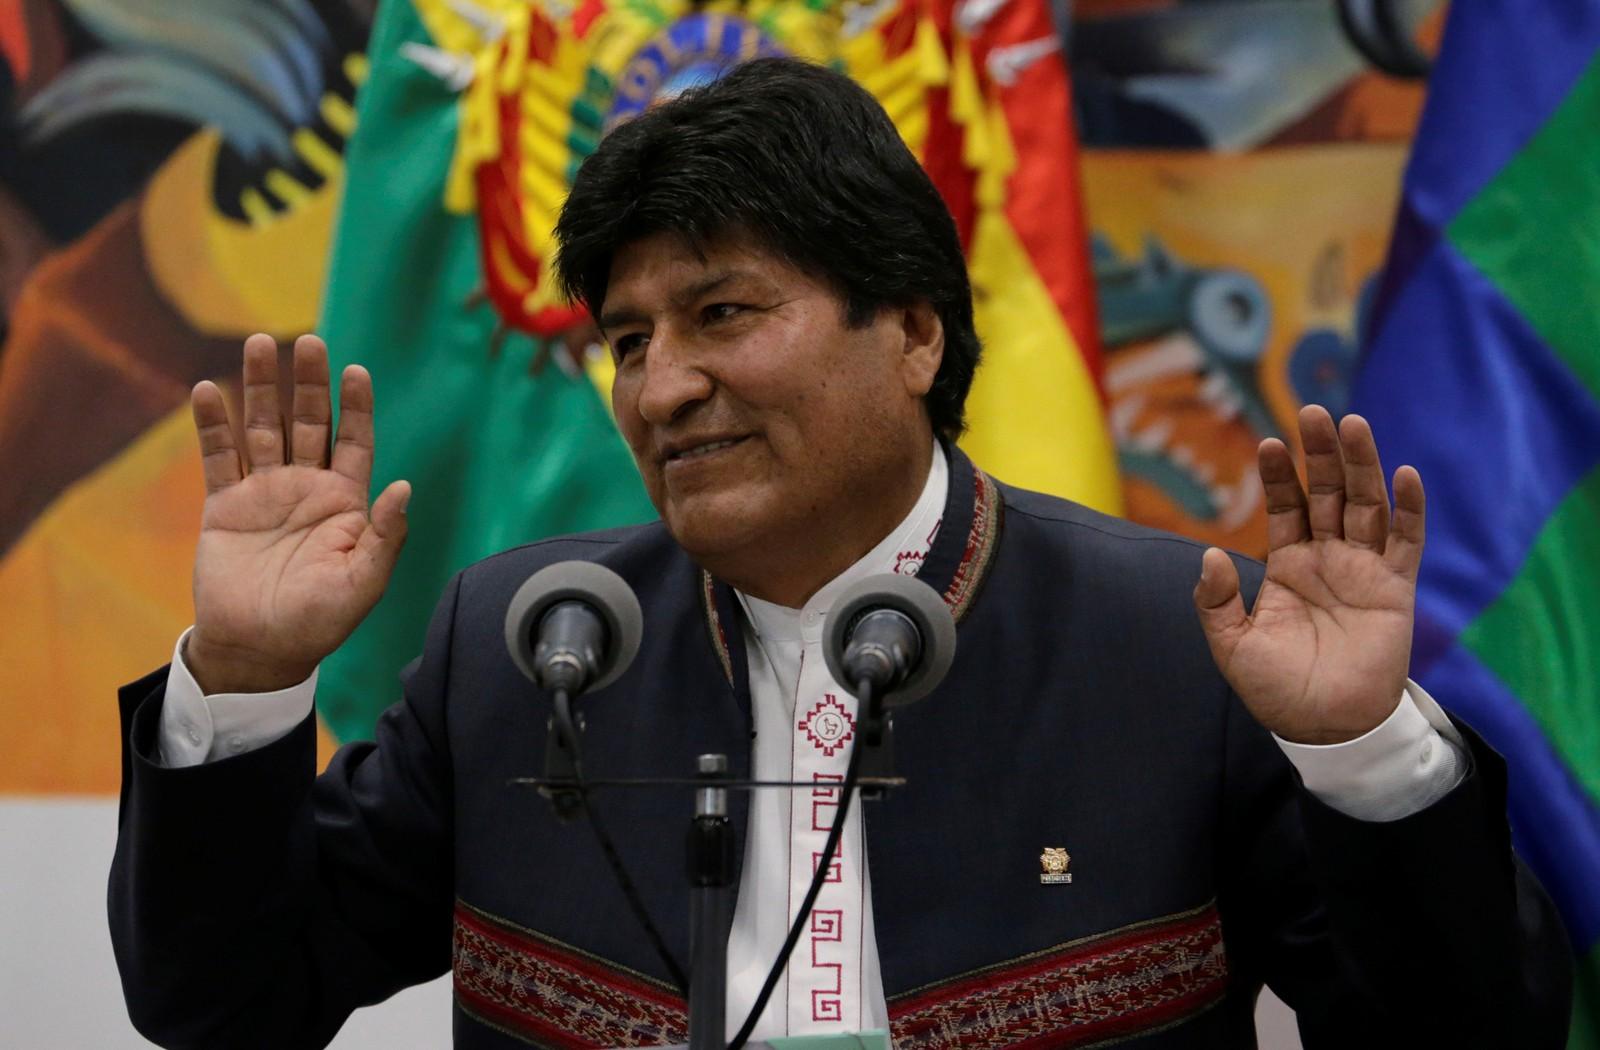 Helicóptero que levava Evo Morales tem falha mecânica na decolagem; não há feridos, diz imprensa local